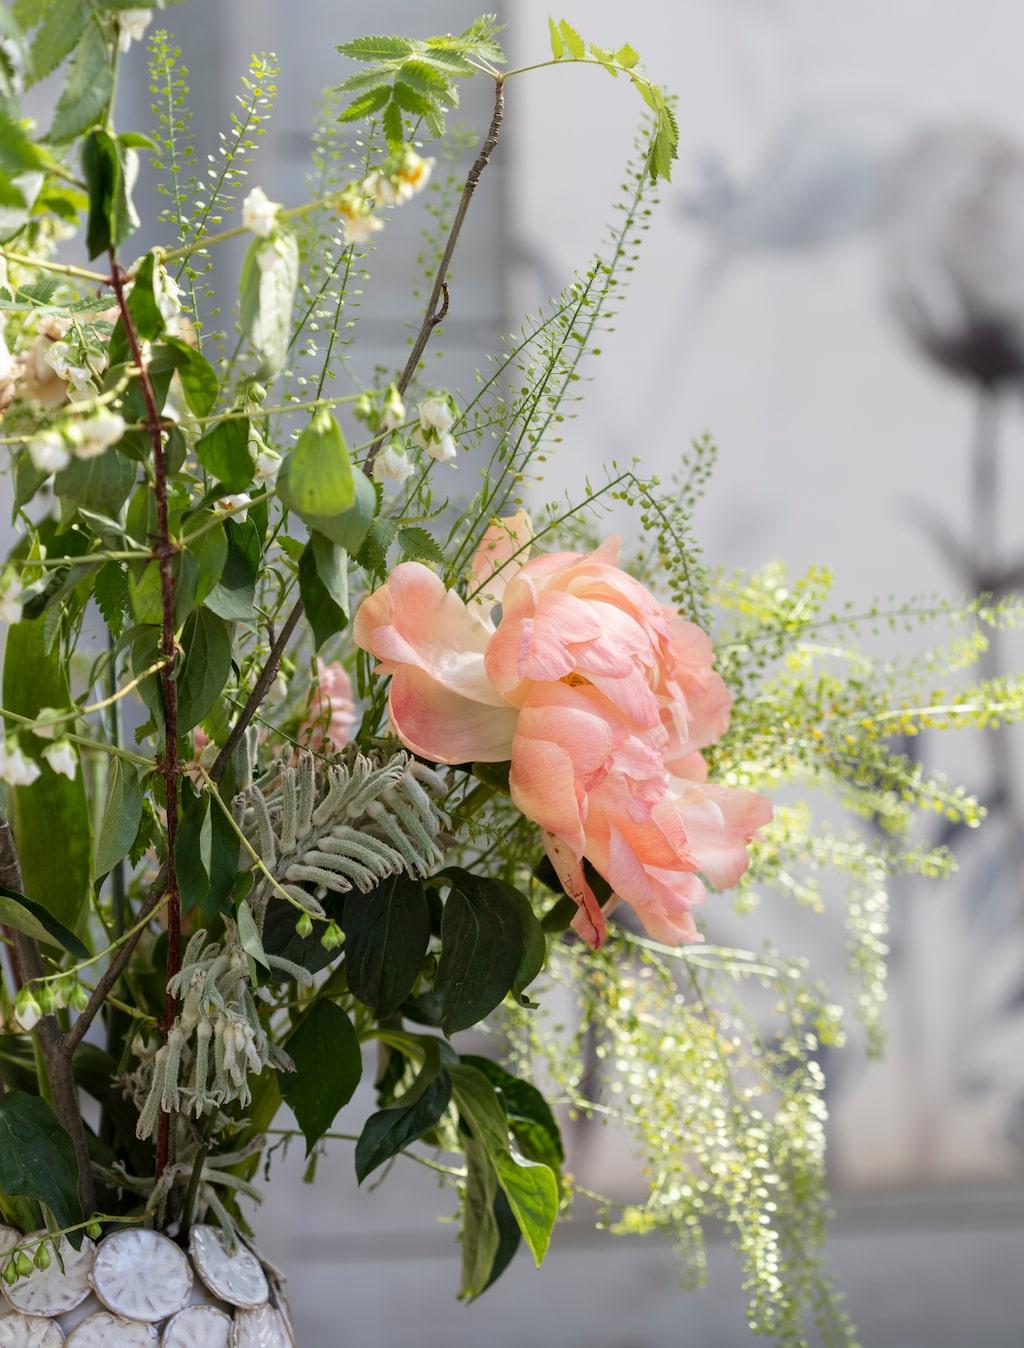 Matcha färgskalan med blomstrande krukväxter och snittblommor.